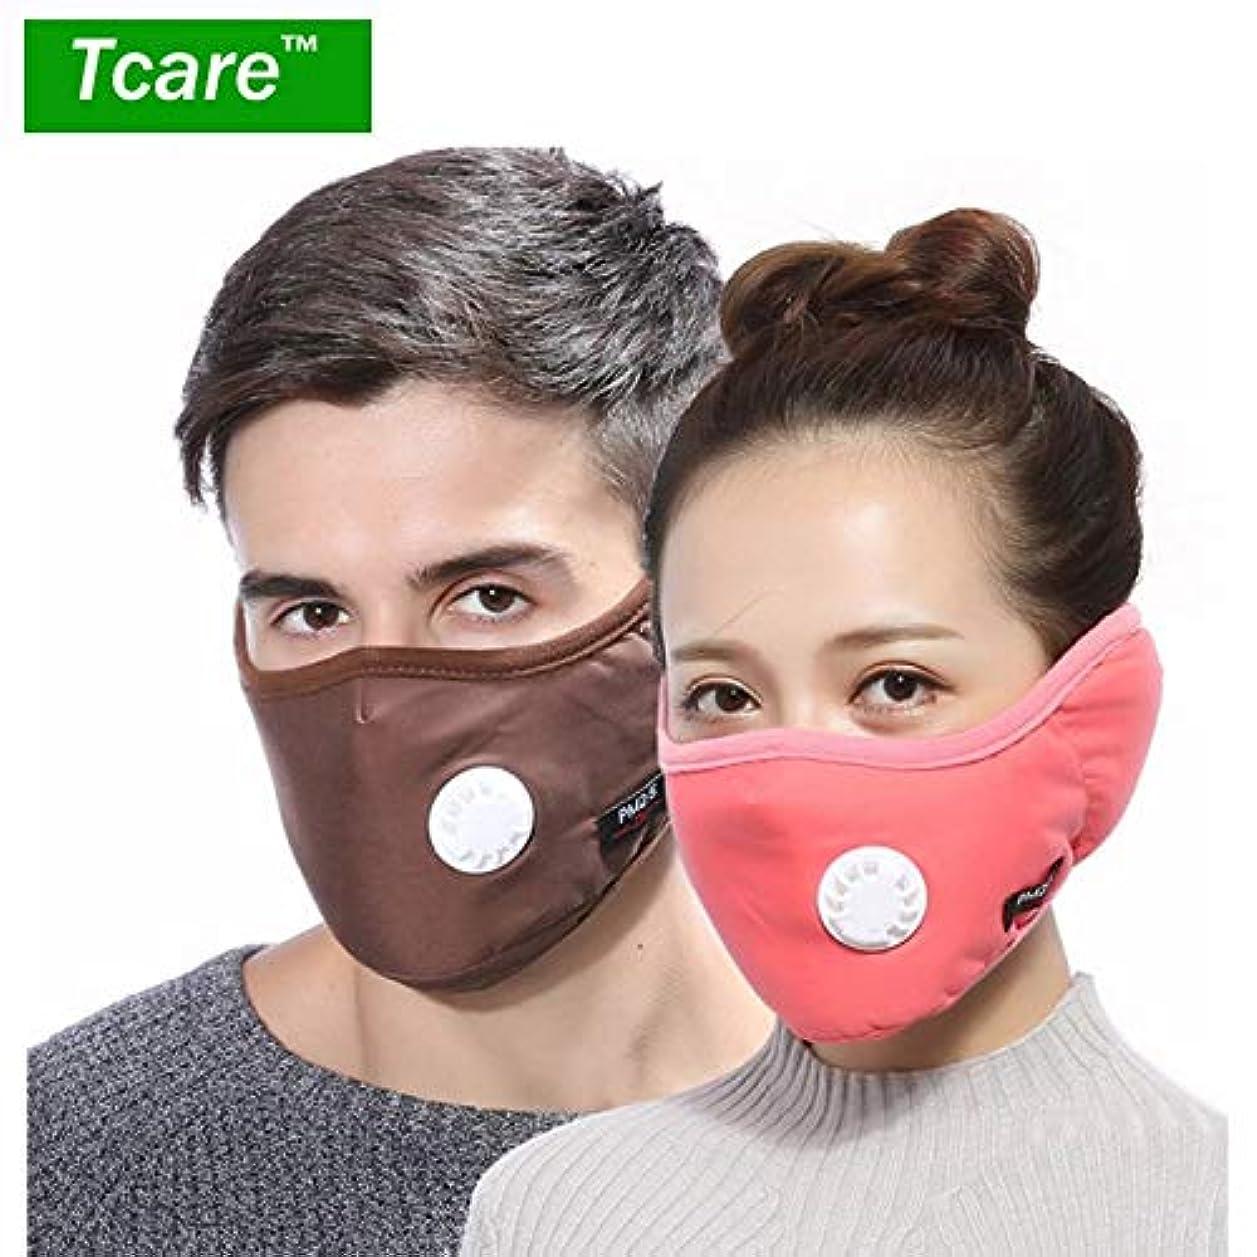 トラブルキャメル予防接種するTcare 2 1におけるPM2.5マスクバルブコットンアンチダスト口マスクの冬のイヤーマフActtedフィルター付マスク:9アーミーグリーン